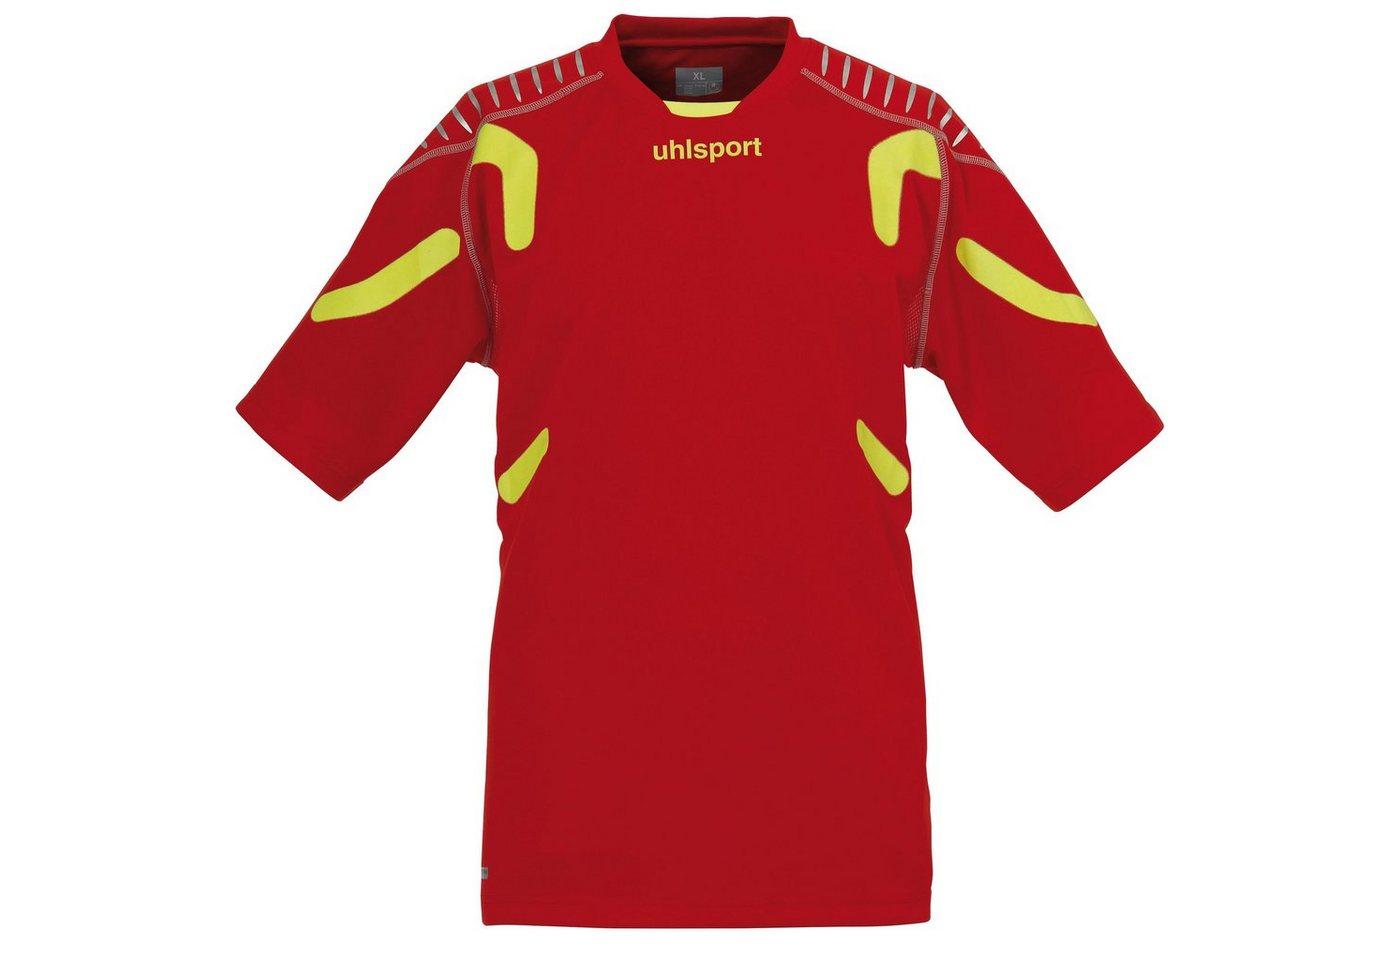 uhlsport -  TorwartTECH Shirt kurzarm Herren